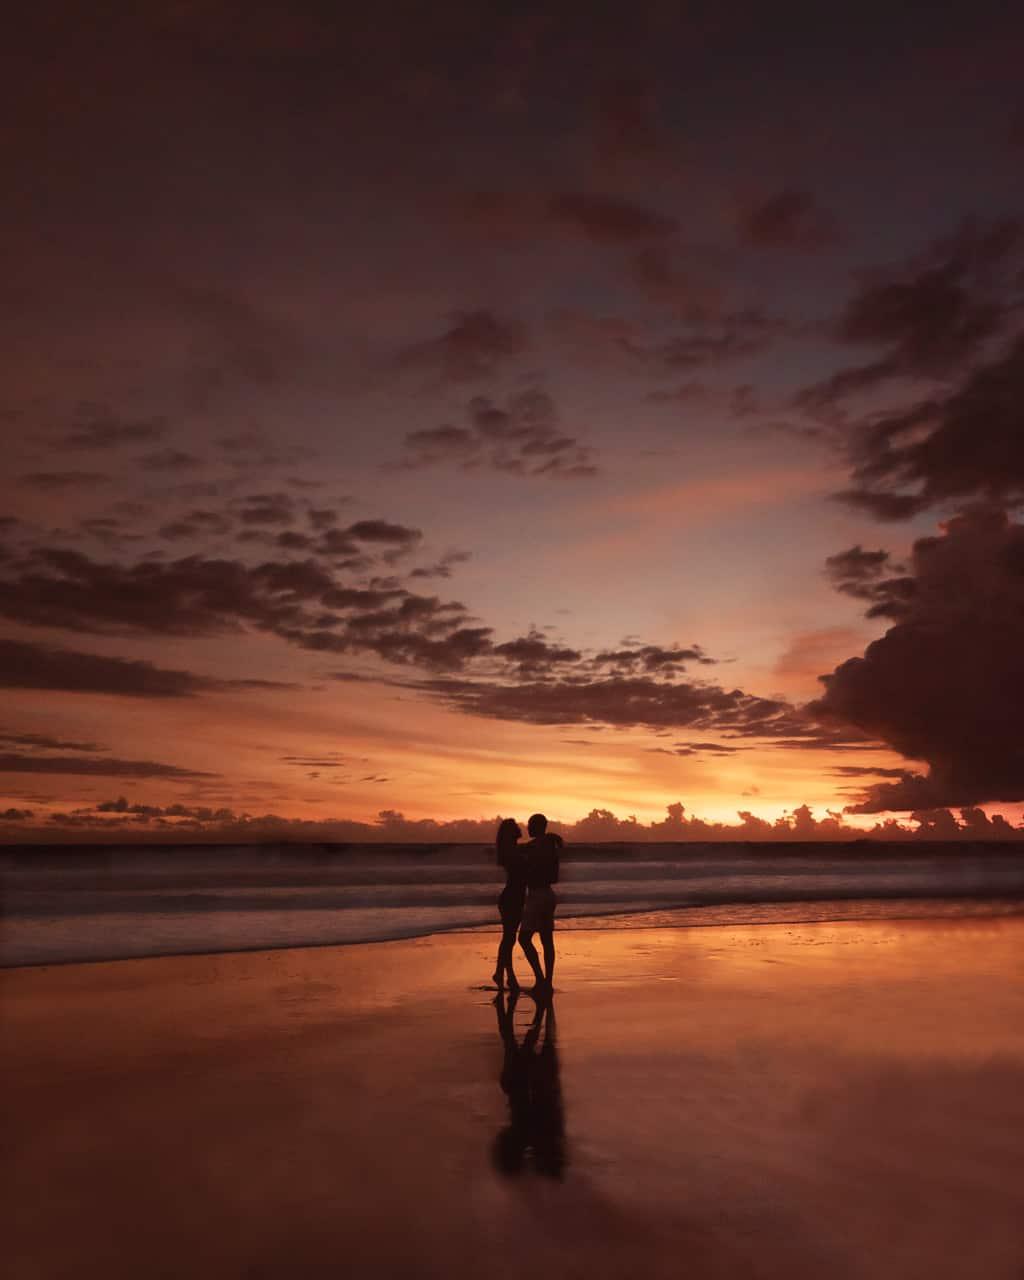 sunset-pasut-beach-reflection